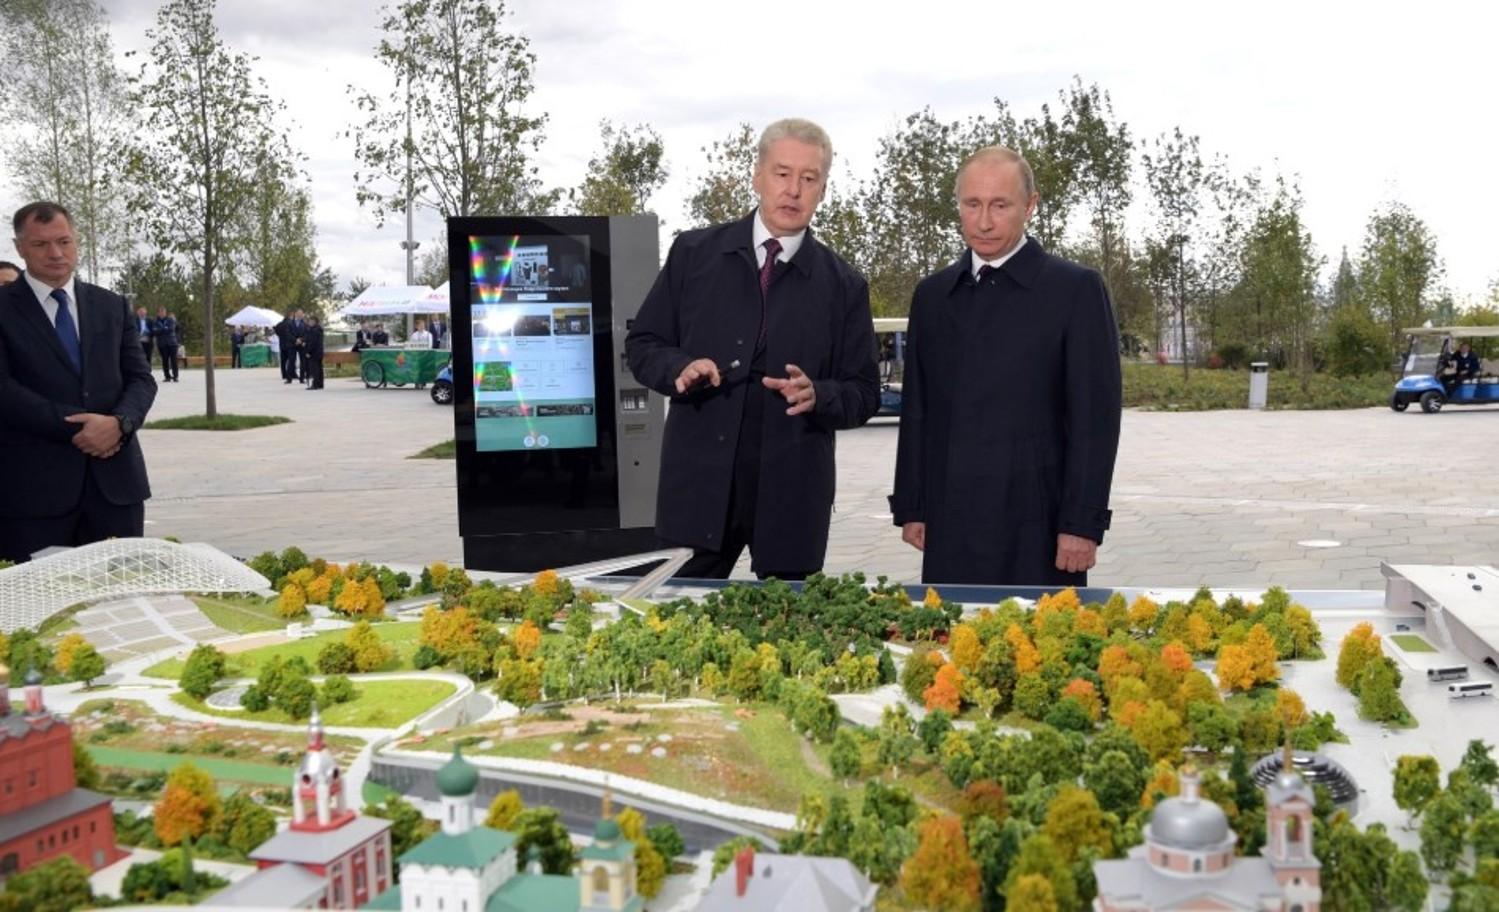 Владимир Путин и Сергей Собянин. Фото: kremlin.ru